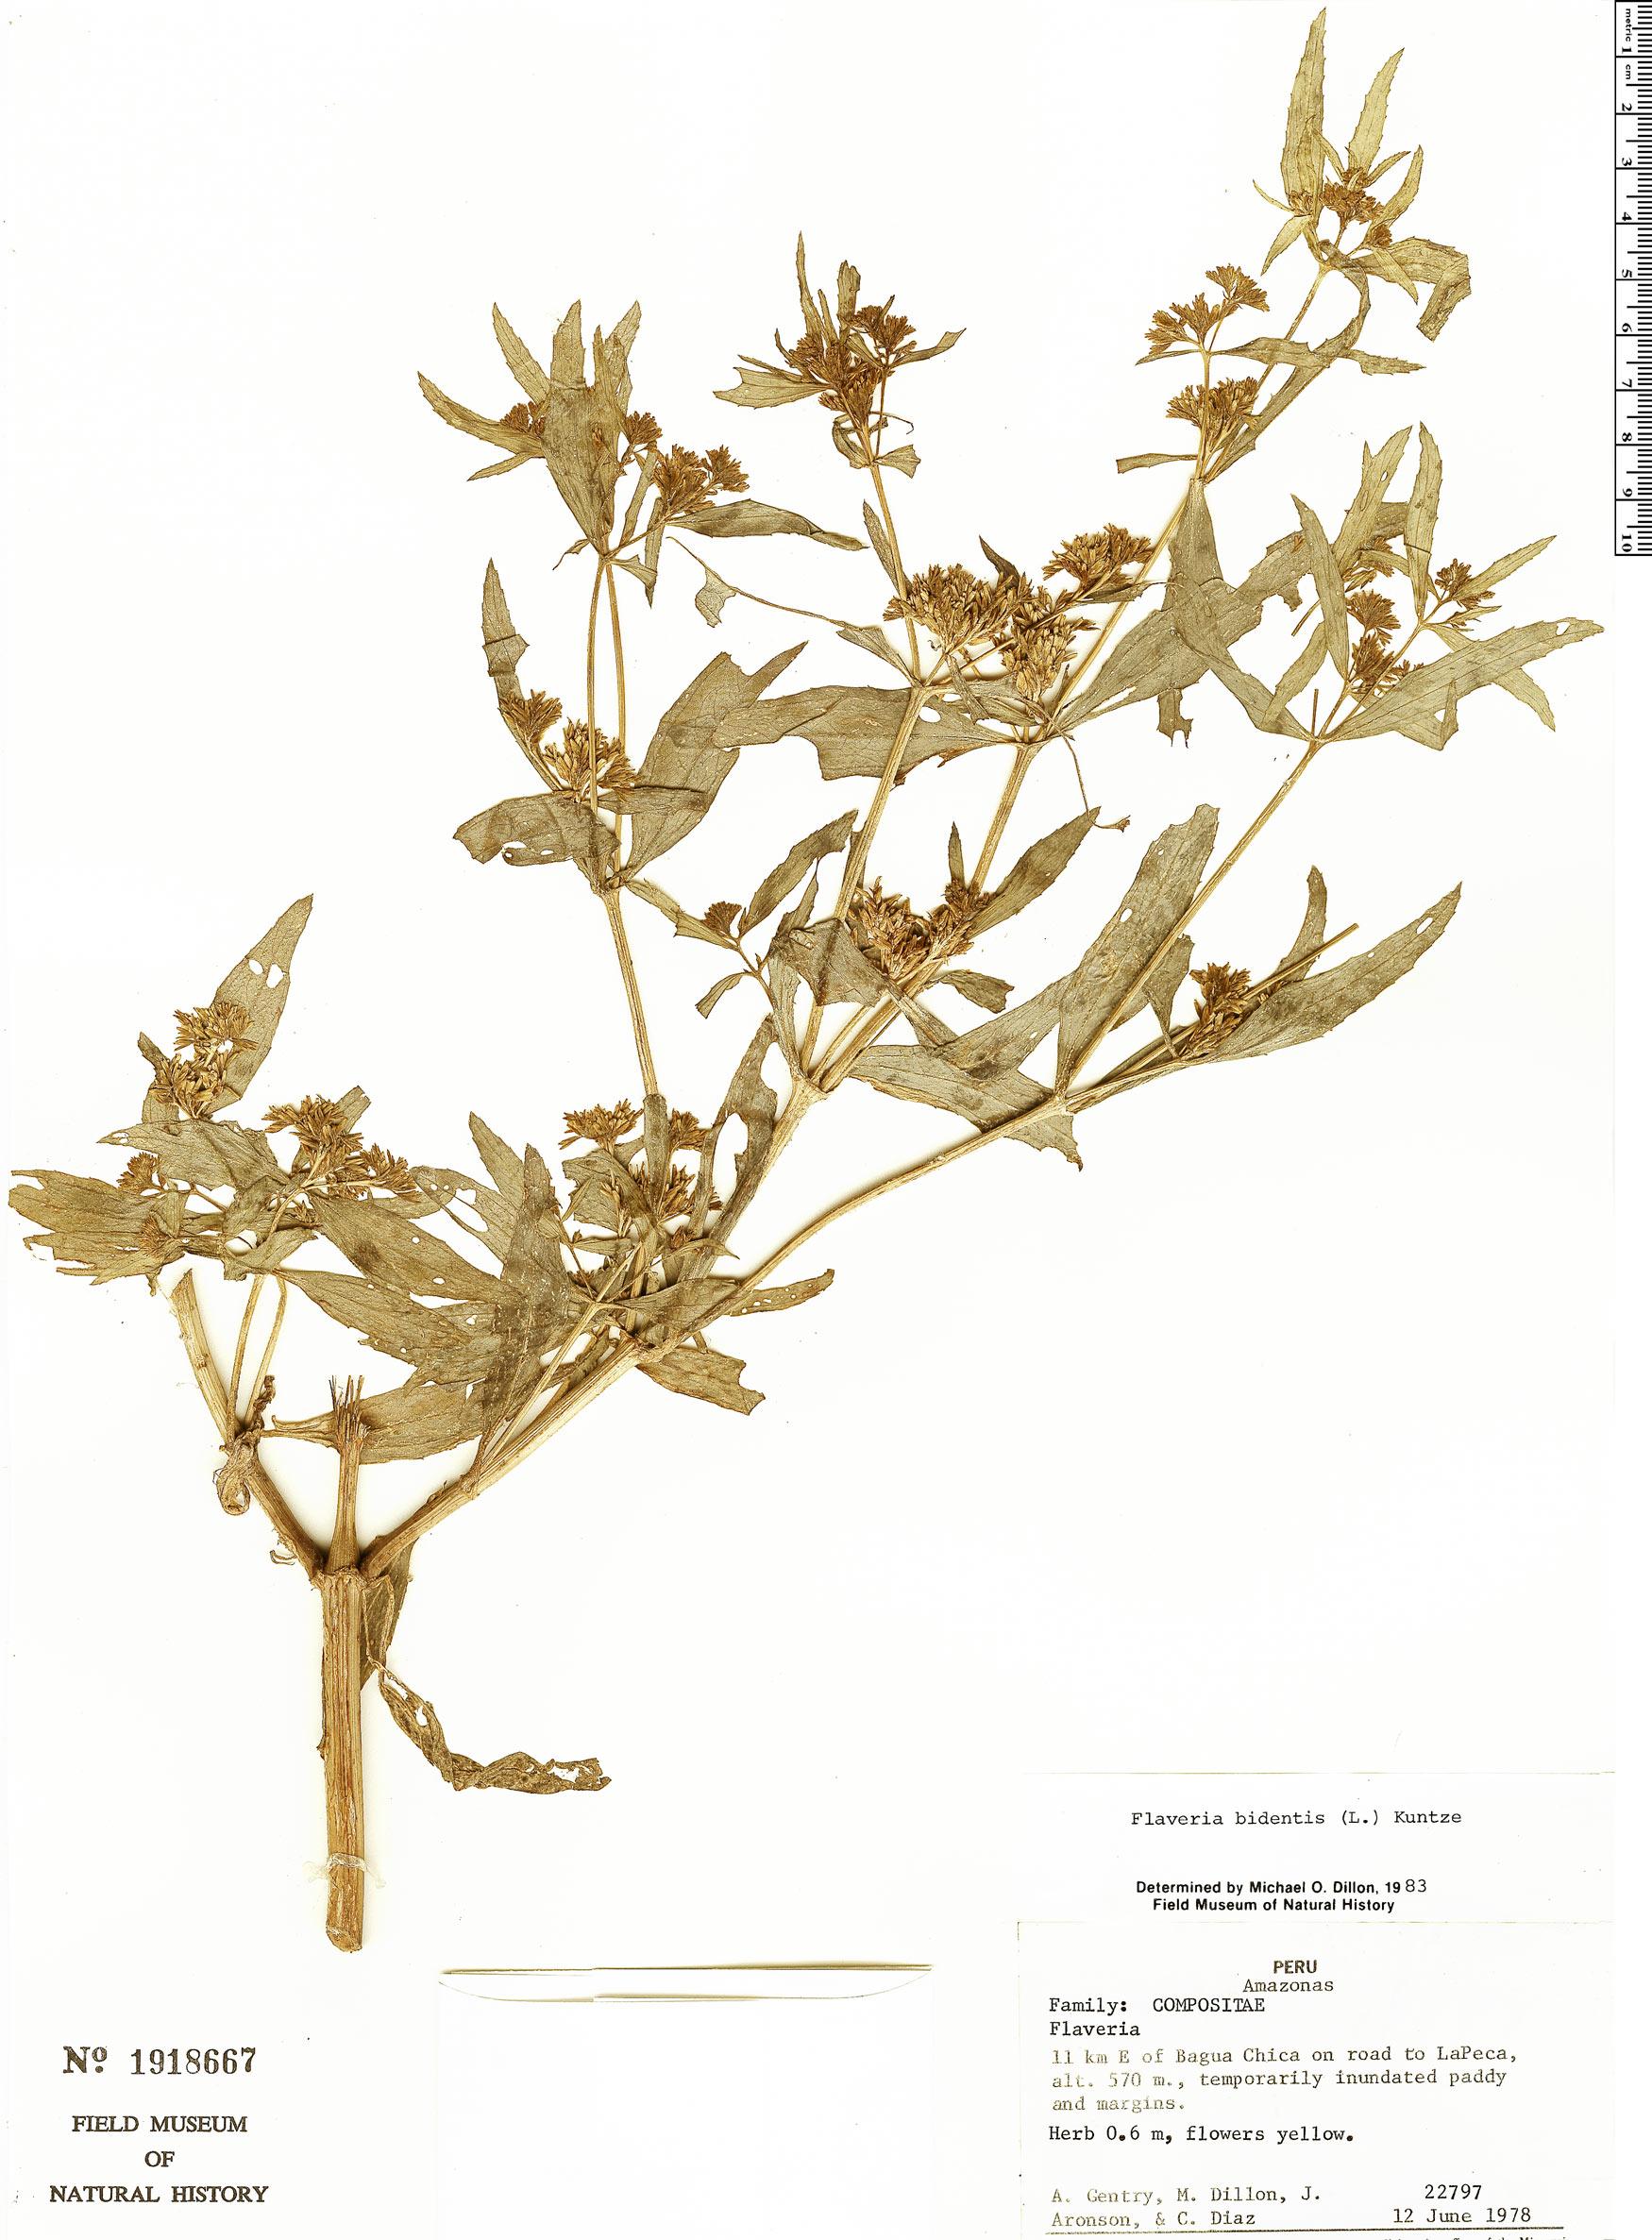 Specimen: Flaveria bidentis